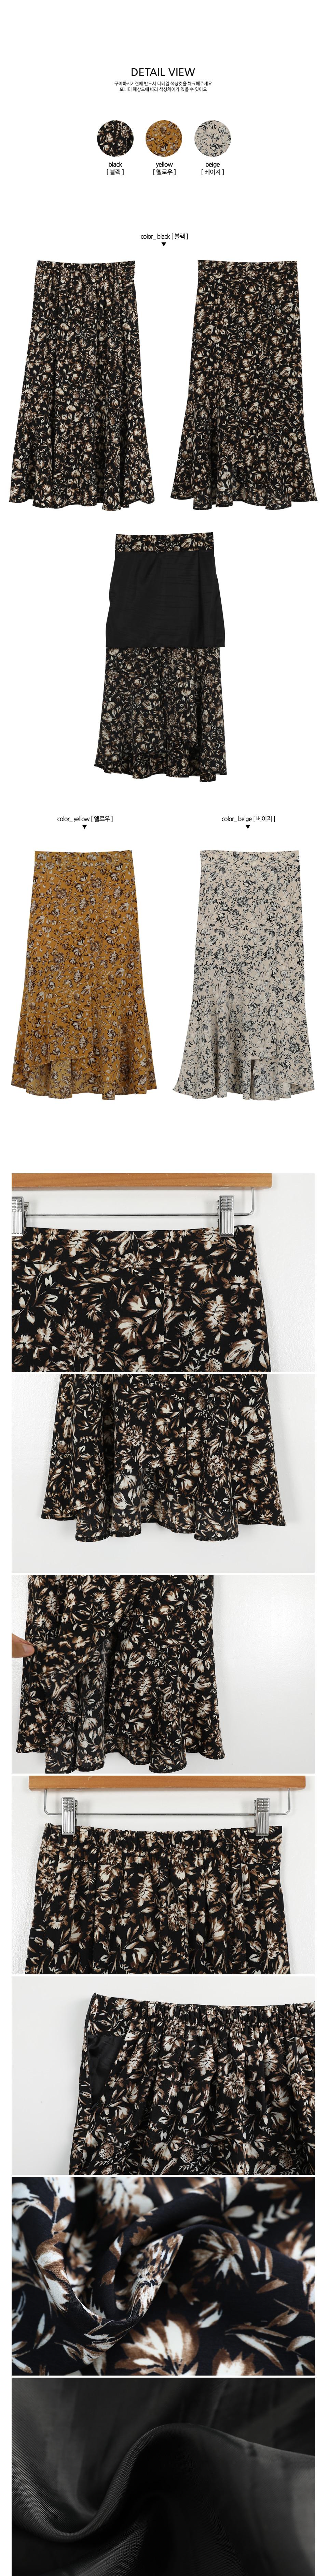 Celebril Long Skirt